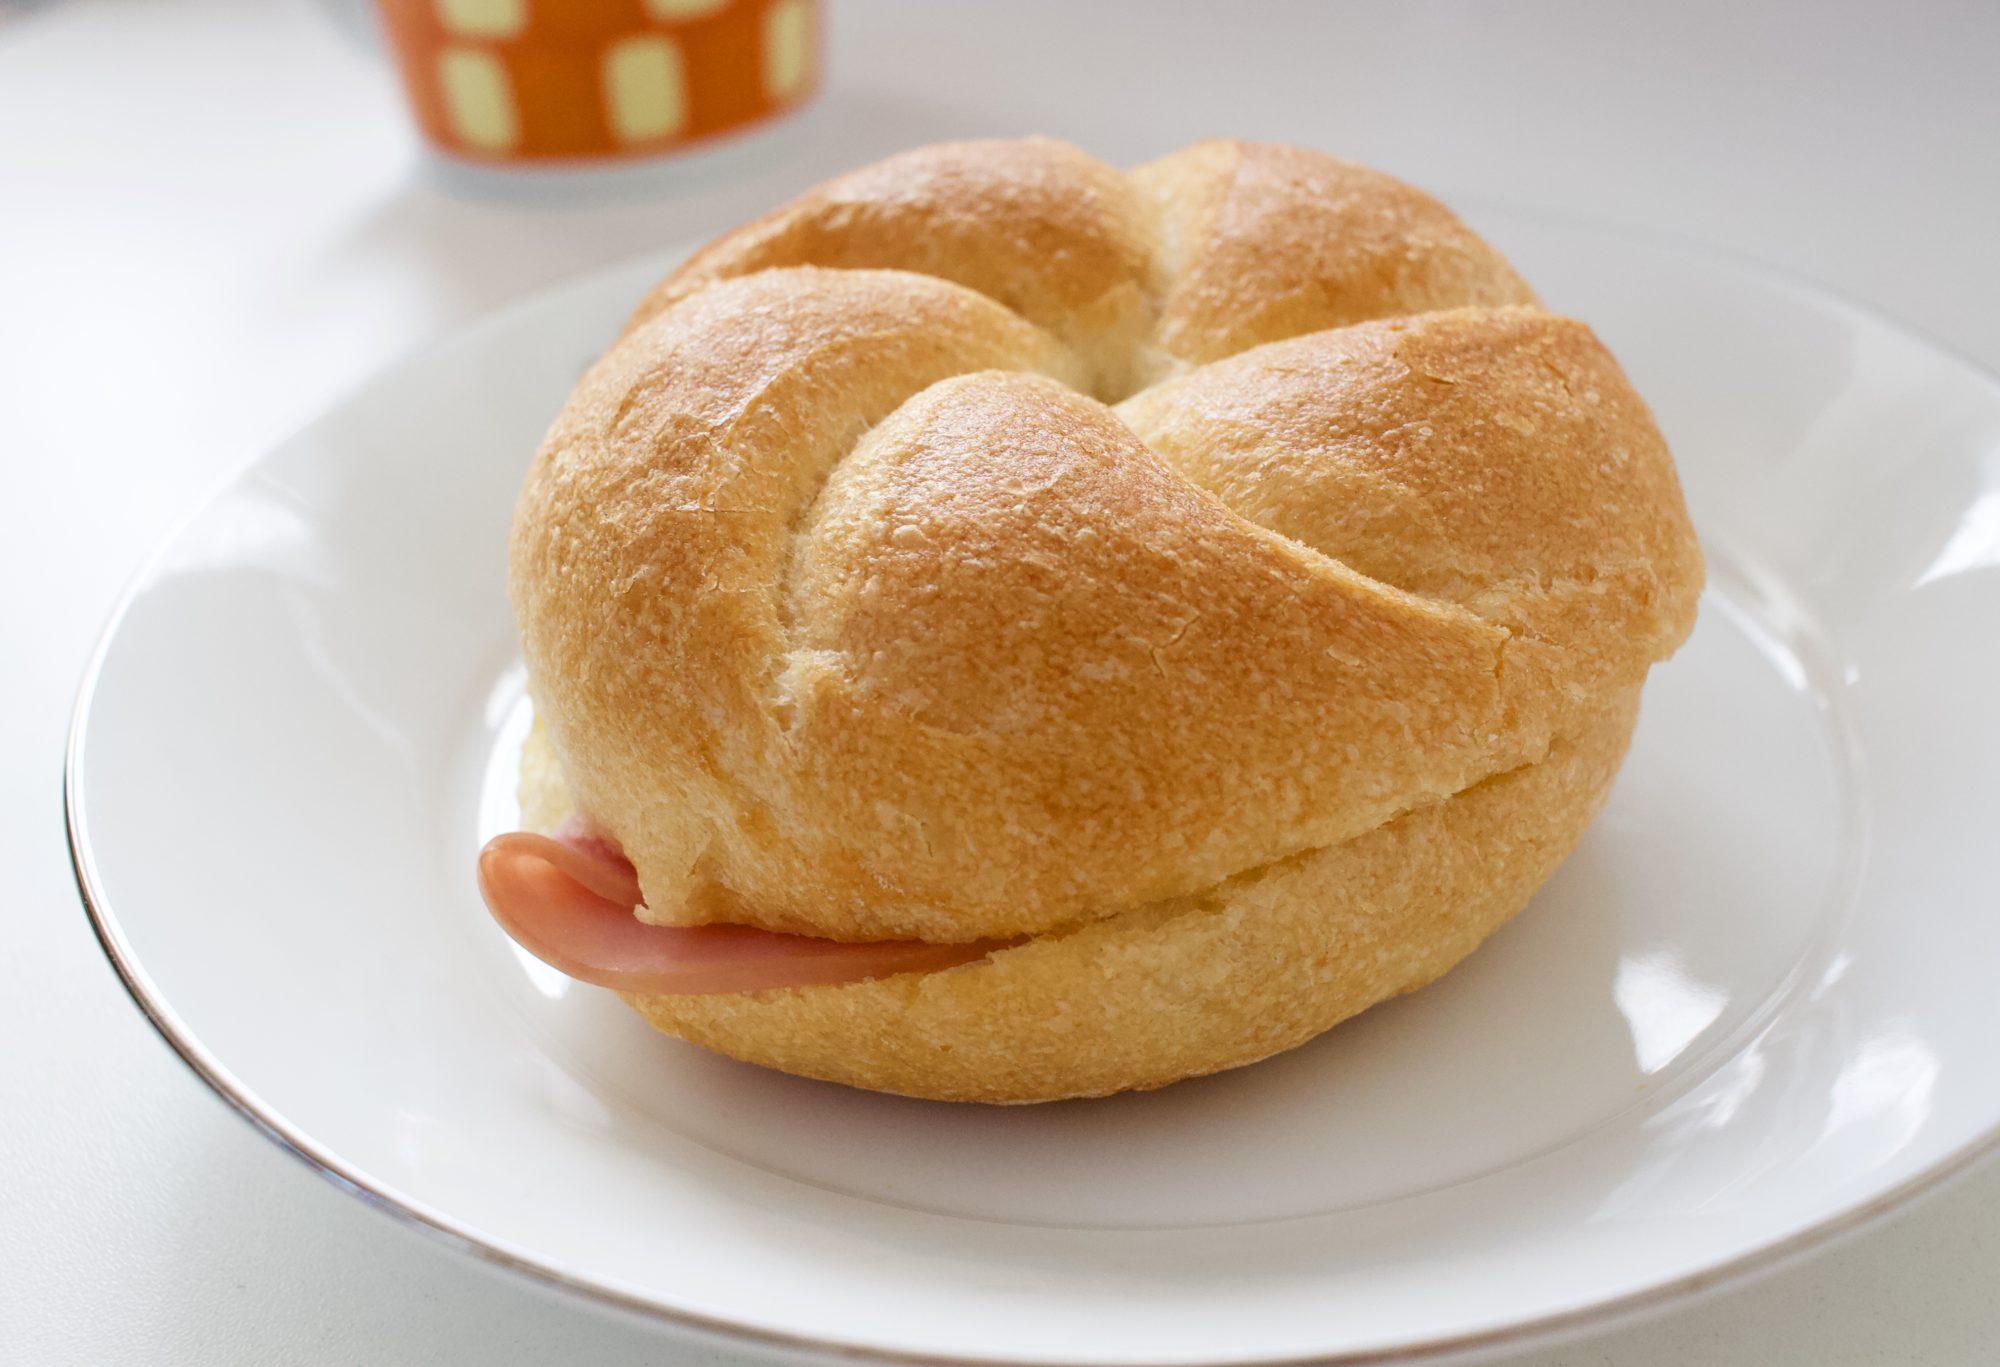 京都のパン屋さんSIZUYA【志津屋】で人気のカルネを食べてみた!